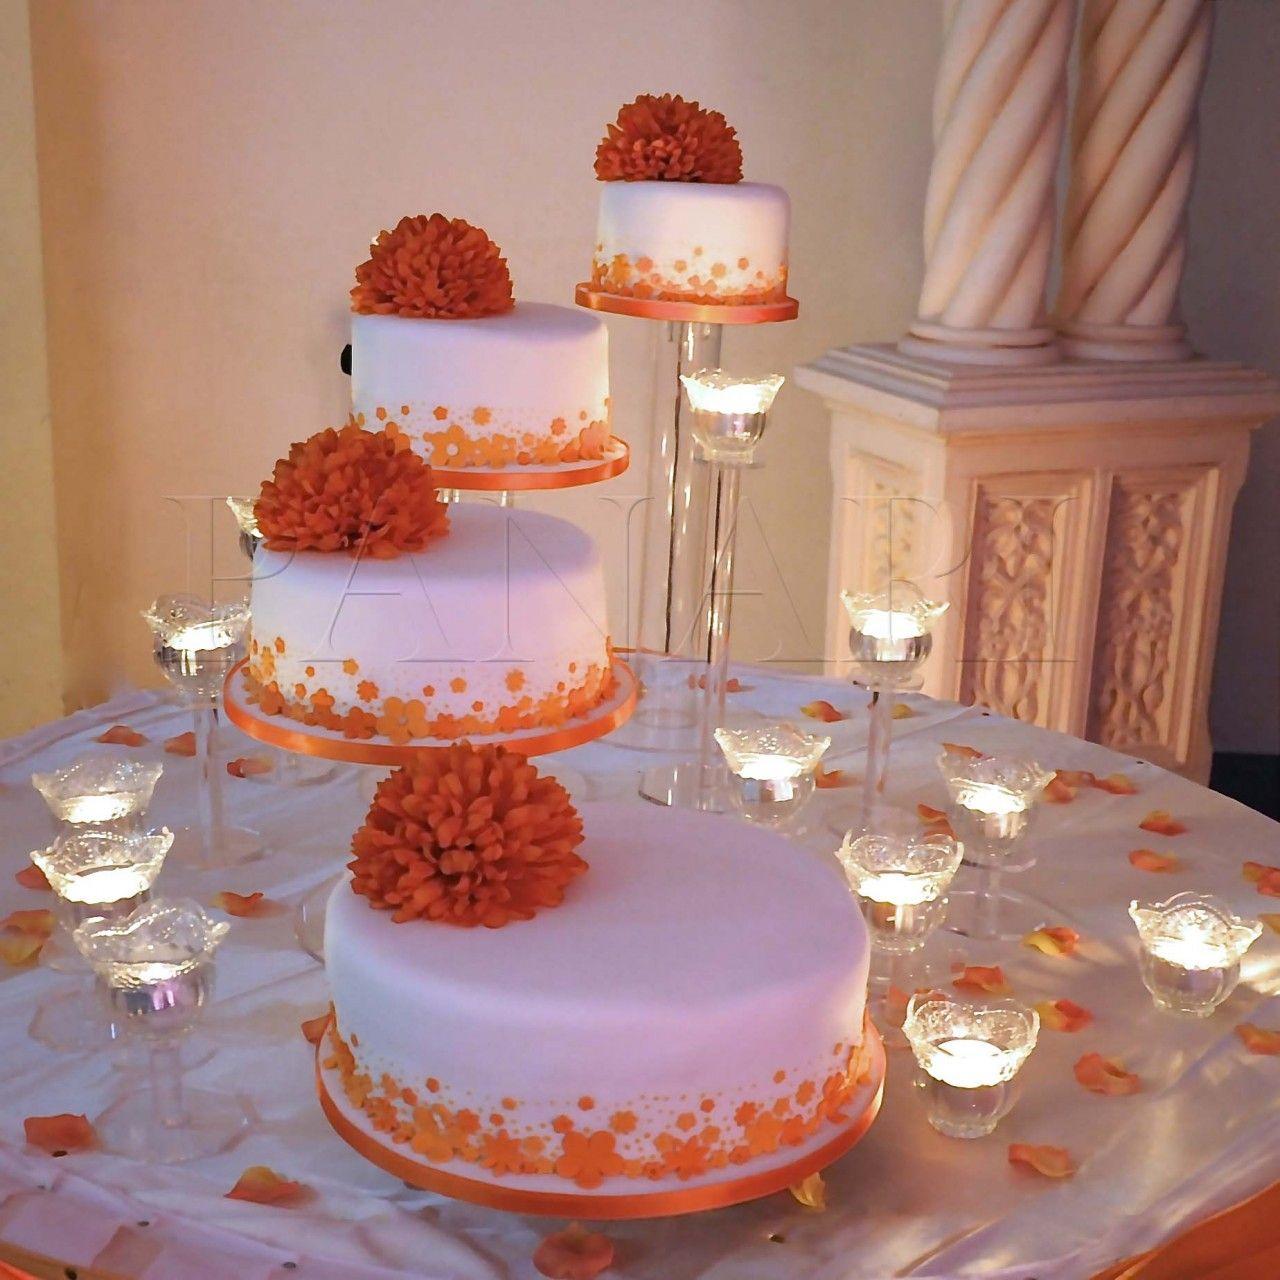 Chocolate and orange wedding theme fishing themed wedding cake chocolate and orange wedding theme fishing themed wedding cake toppers junglespirit Choice Image